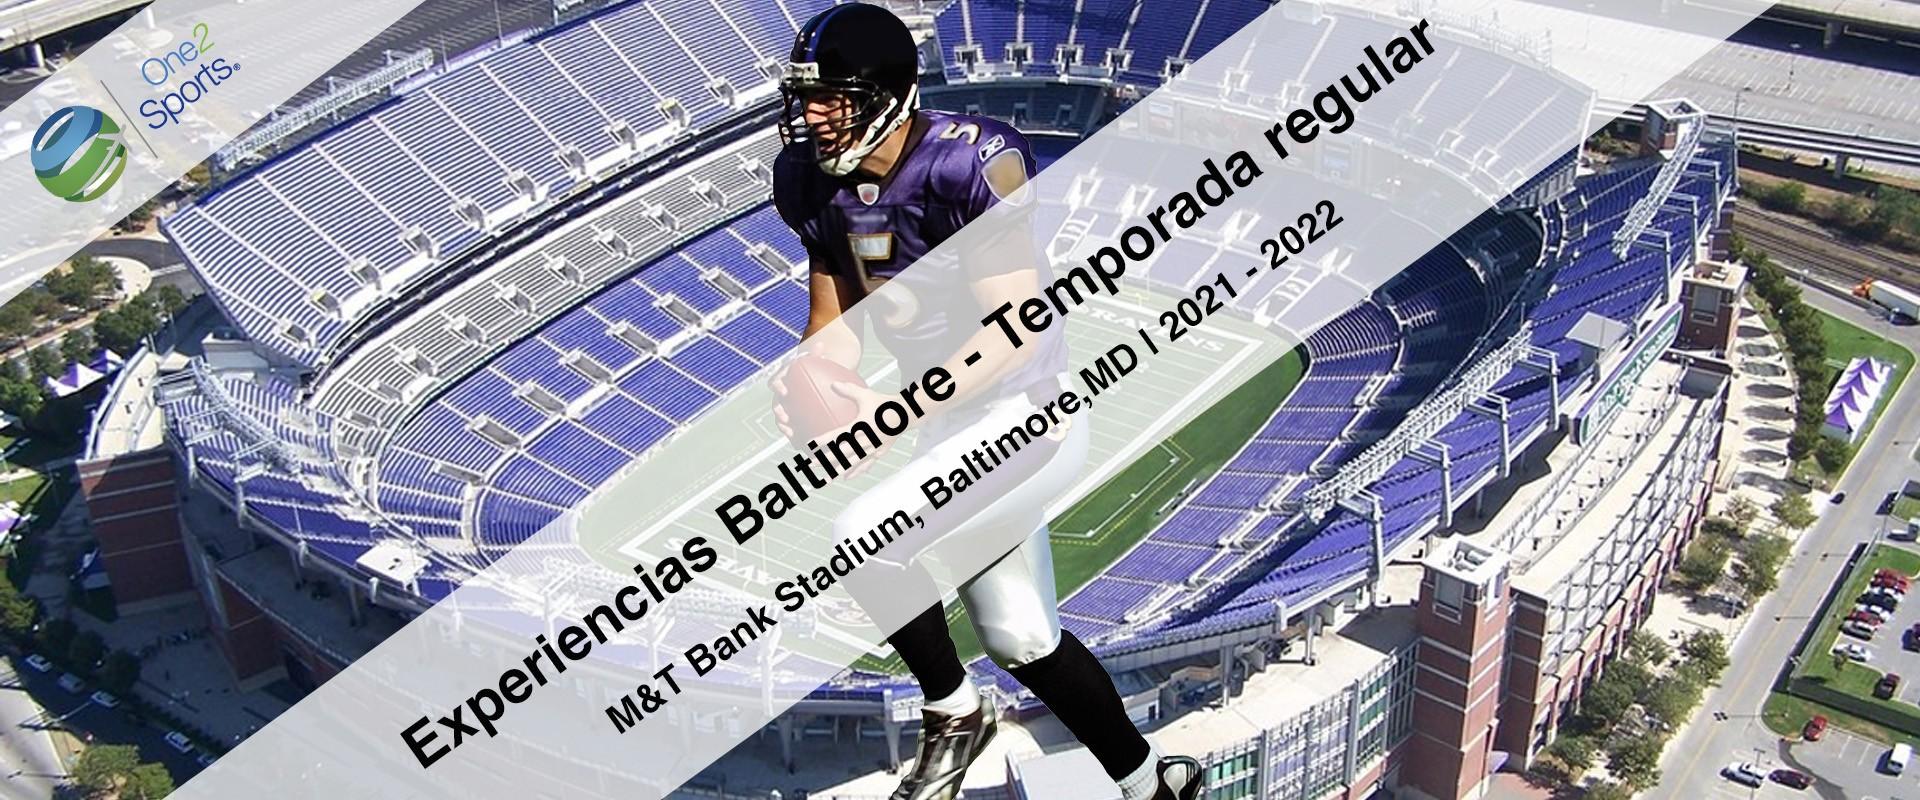 Calendario Baltimore